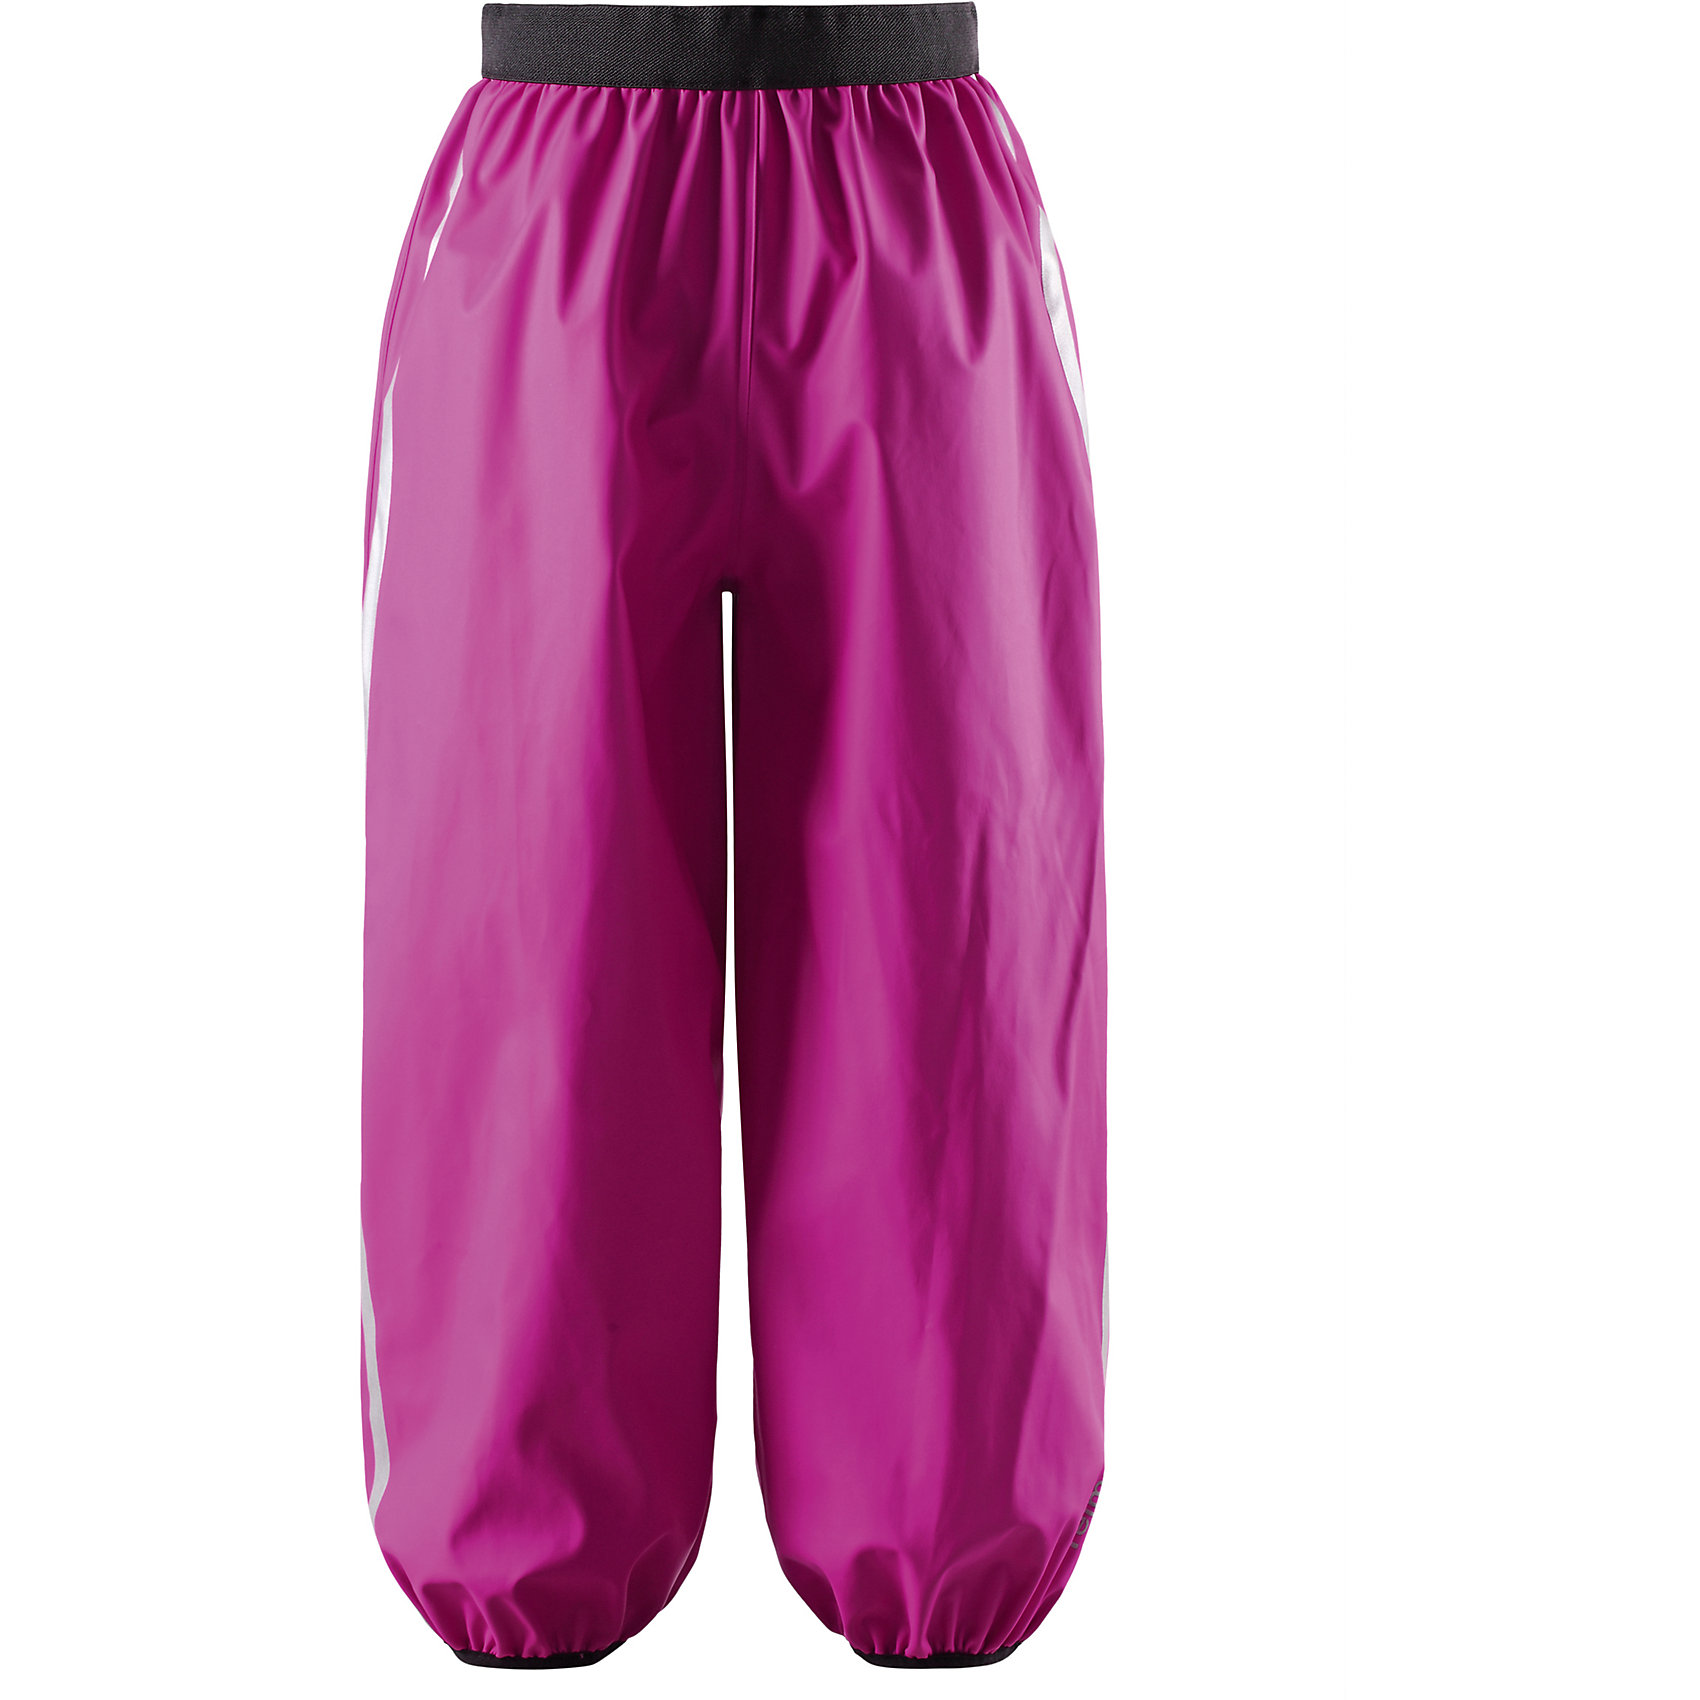 Брюки для девочки ReimaУ этих классических брюк для детей для дождливой погоды достаточно пространства для добавления теплых слоев Reima под низ. Водонепроницаемые запаянные швы гарантируют, что вода не проникнет внутрь. Эти износостойкие брюки для дождливой погоды разработаны для максимальной защиты и удобства во время дождя. Эластичный пояс обеспечивает хорошую посадку по фигуре, а съемные штрипки для размеров 104-128 см фиксируют низ брючин при движении. Светоотражающие детали обеспечивают безопасность после захода солнца. Материал не содержит ПВХ.<br><br>Дополнительная информация:<br><br>Детские брюки для дождливой погоды<br>Запаянные швы, не пропускающие влагу<br>Эластичный материал<br>Эластичная талия<br>Съемные штрипки в размерах от 104 до 128 см<br>Состав:<br>100% ПЭ, ПУ-покрытие<br>Уход:<br>Стирать по отдельности, вывернув наизнанку. Стирать моющим средством, не содержащим отбеливающие вещества. Полоскать без специального средства. Во избежание изменения цвета изделие необходимо вынуть из стиральной машинки незамедлительно после окончания программы стирки. Сушить при низкой температуре.<br><br>Ширина мм: 215<br>Глубина мм: 88<br>Высота мм: 191<br>Вес г: 336<br>Цвет: розовый<br>Возраст от месяцев: 108<br>Возраст до месяцев: 120<br>Пол: Женский<br>Возраст: Детский<br>Размер: 140,122,128,134,104,110,116<br>SKU: 4497511